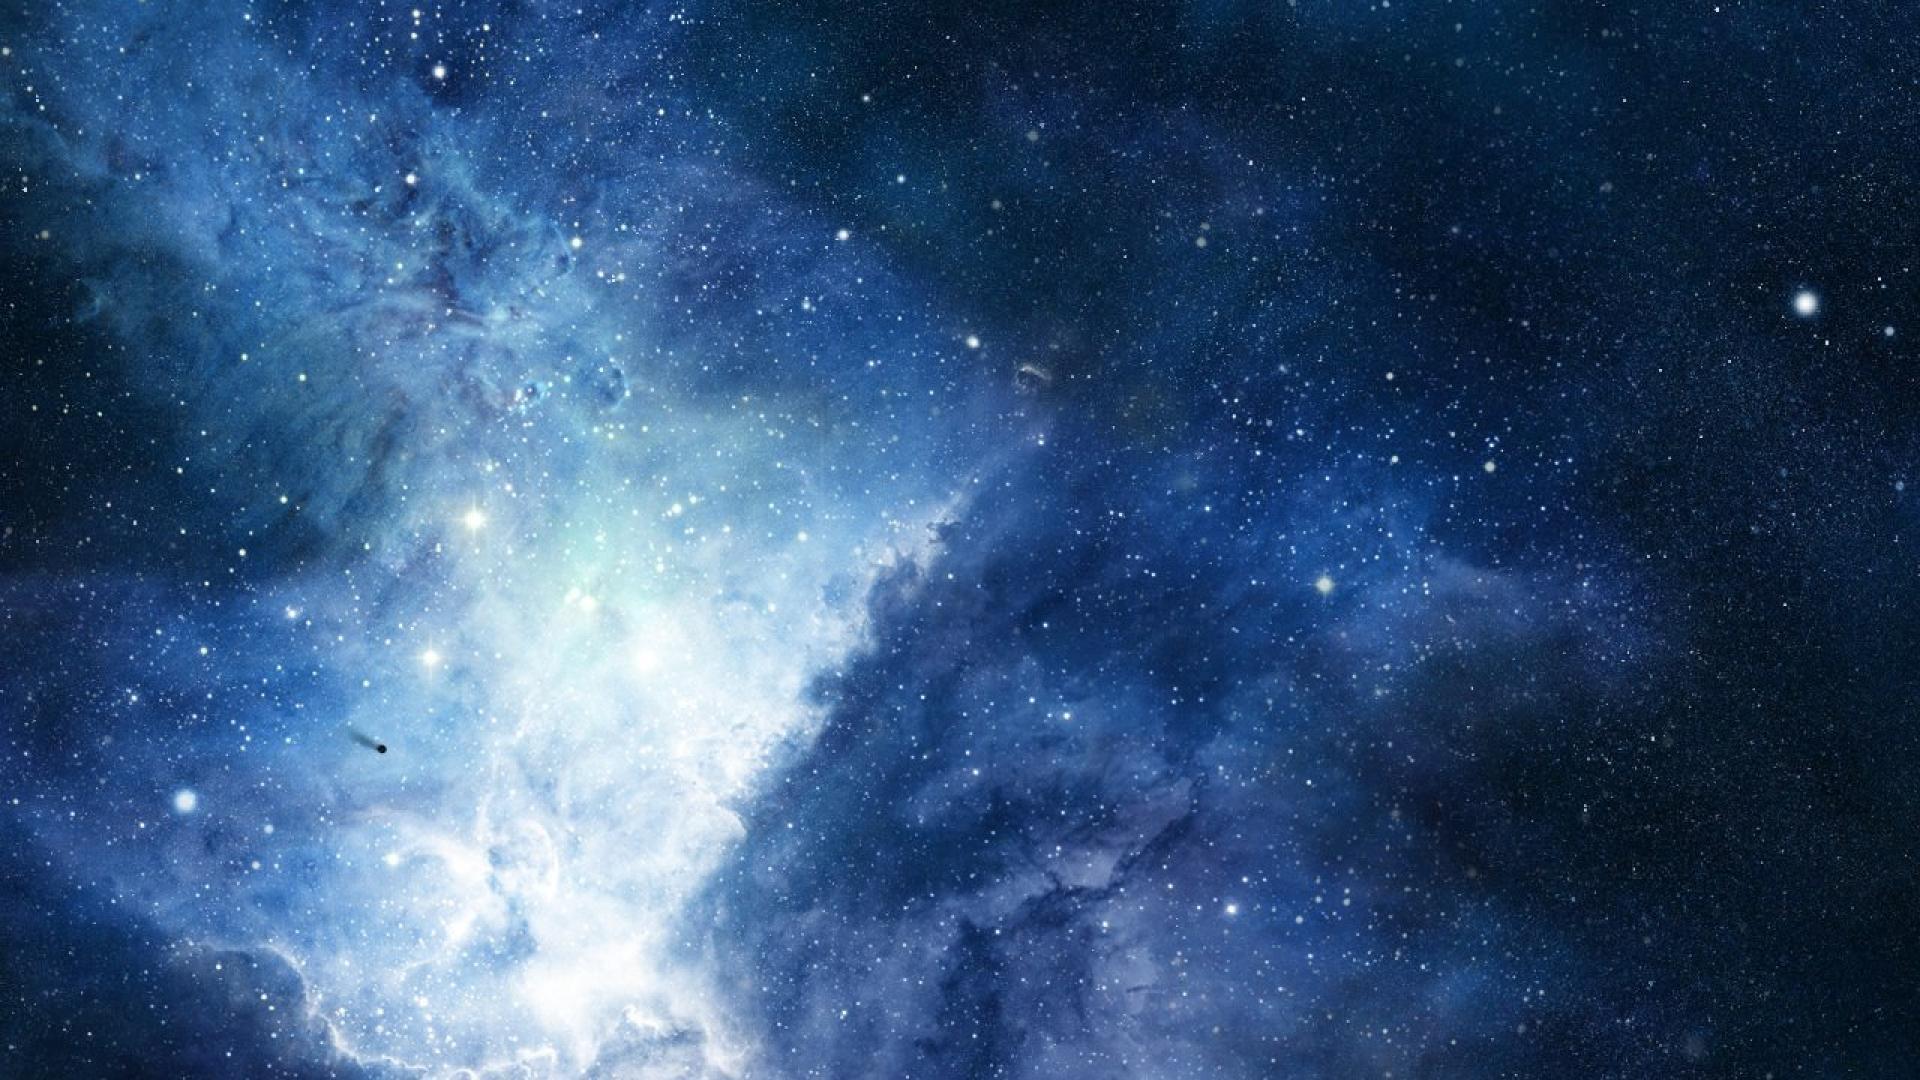 Stars Wallpaper HD 1920x1080